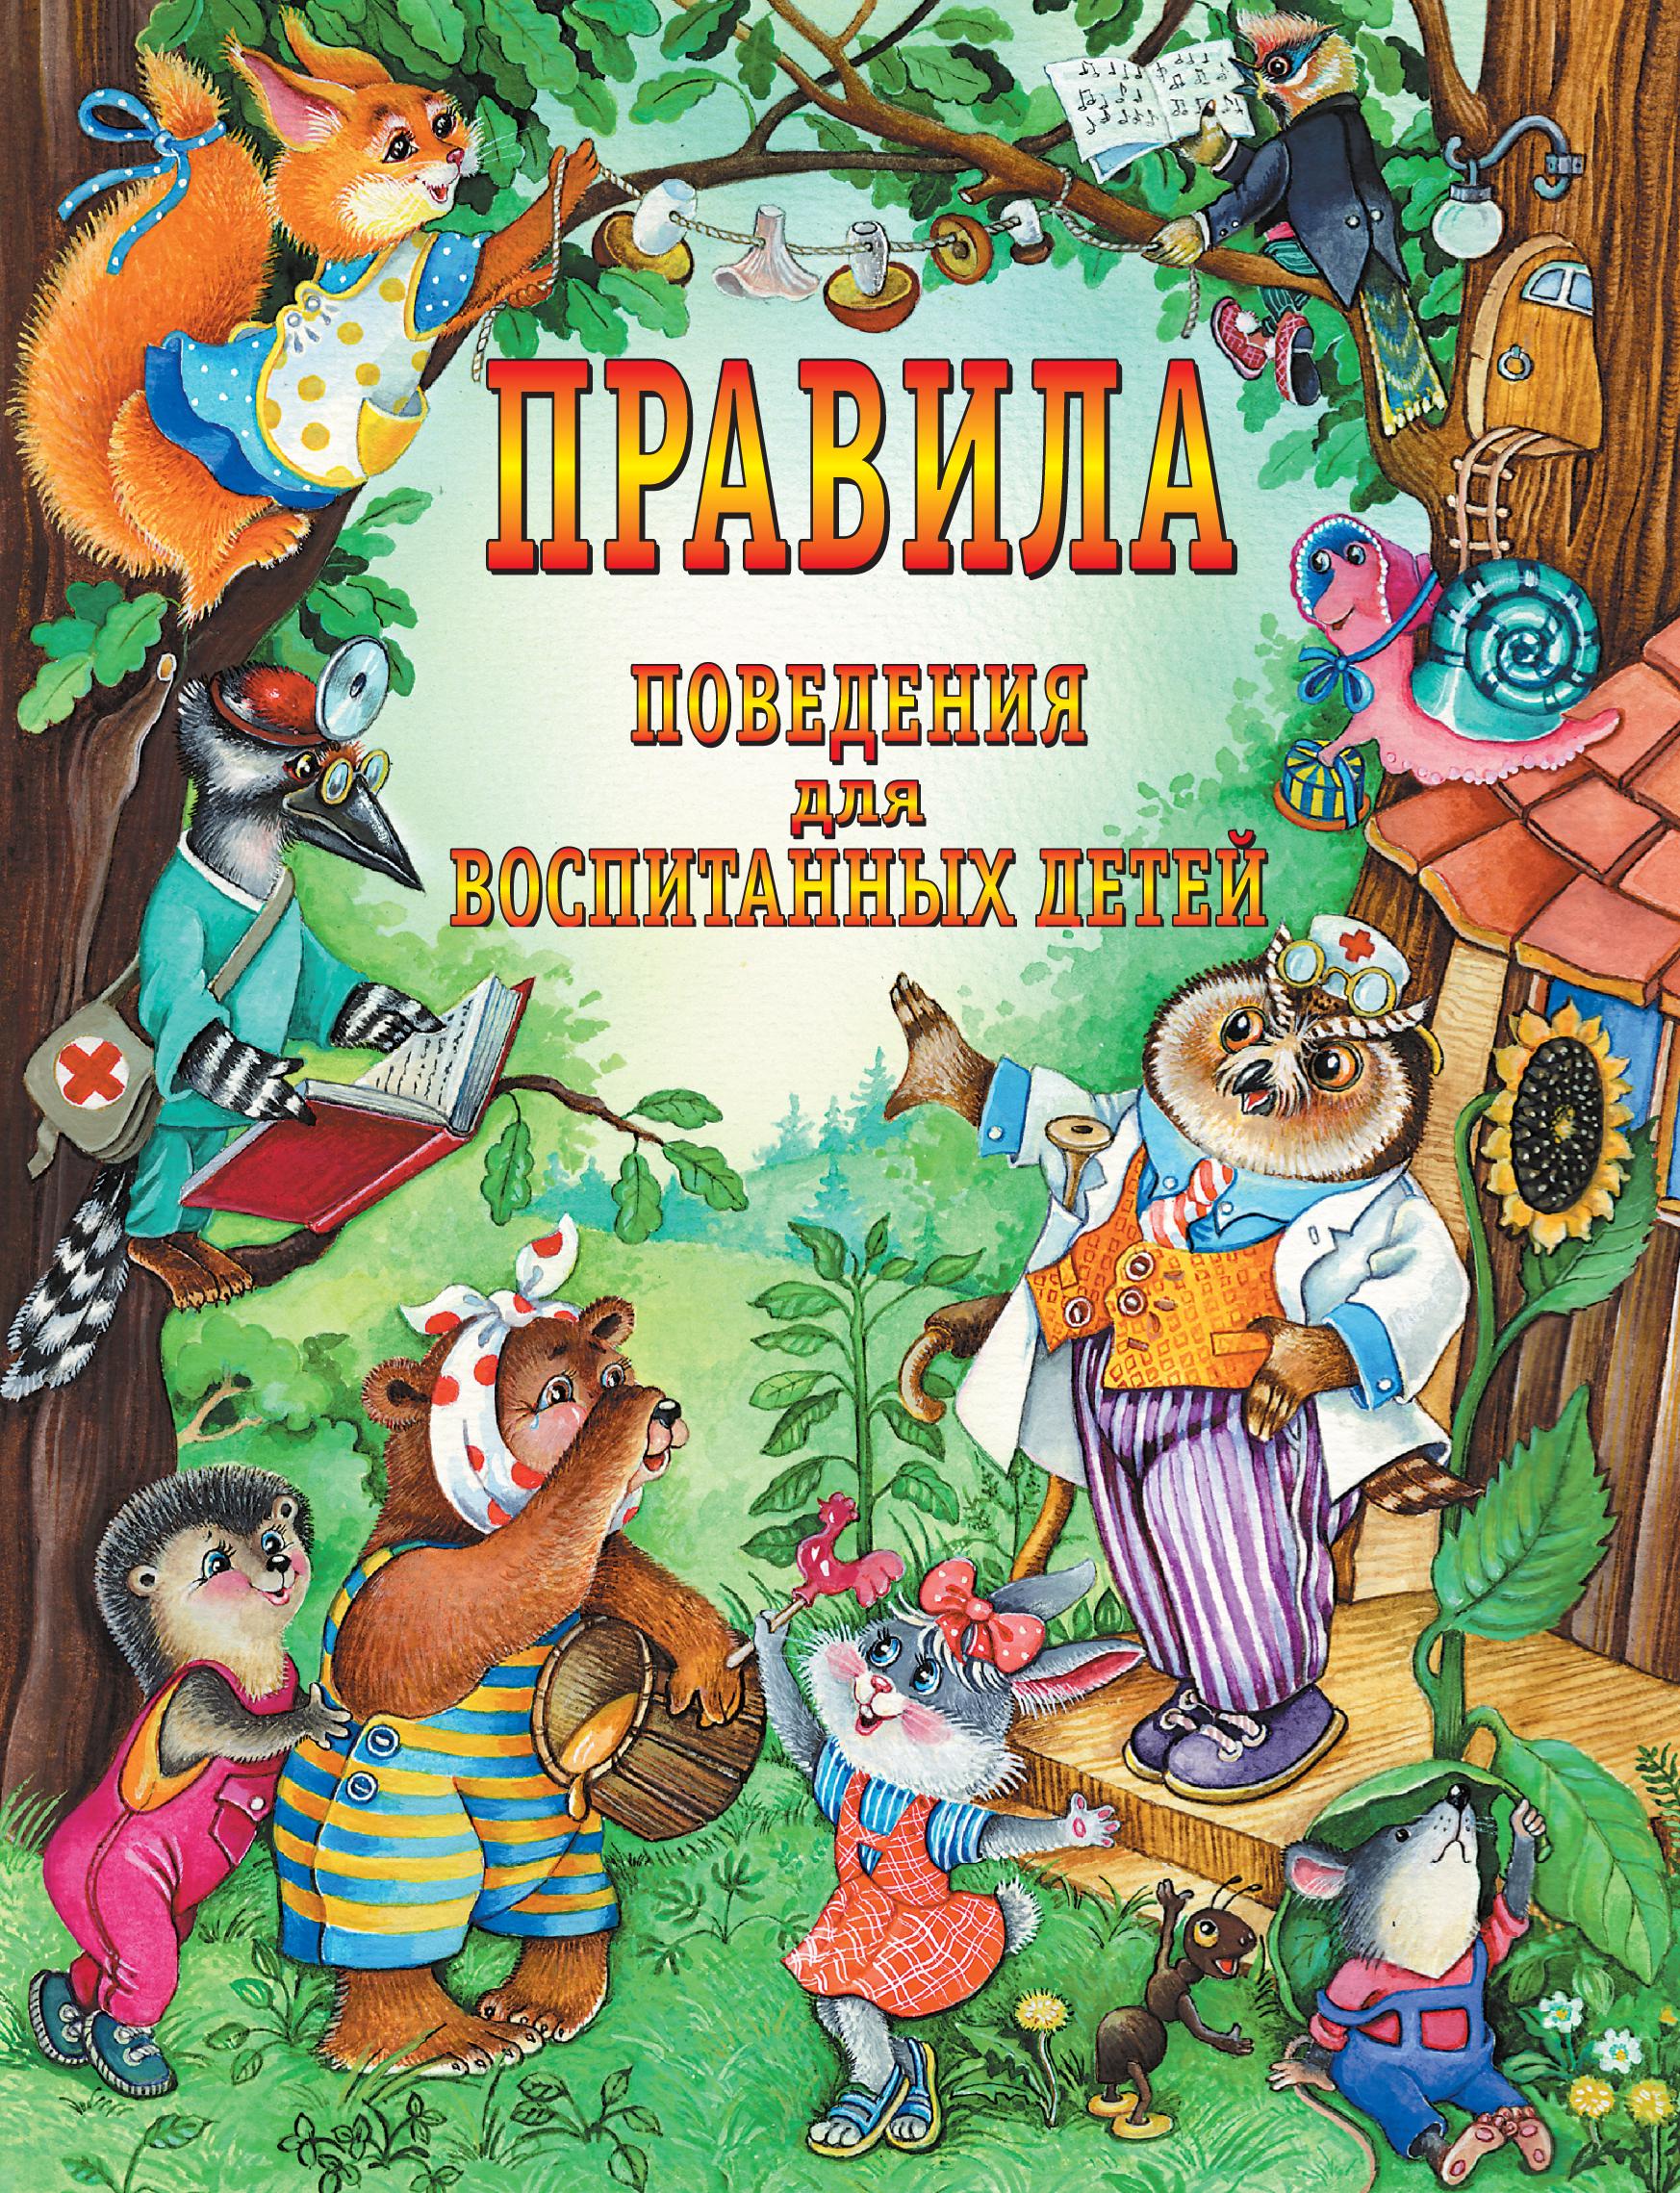 Правила поведения для воспитанных детей. Г. П. Шалаева, О. М. Журавлева, О. Г. Сазонова